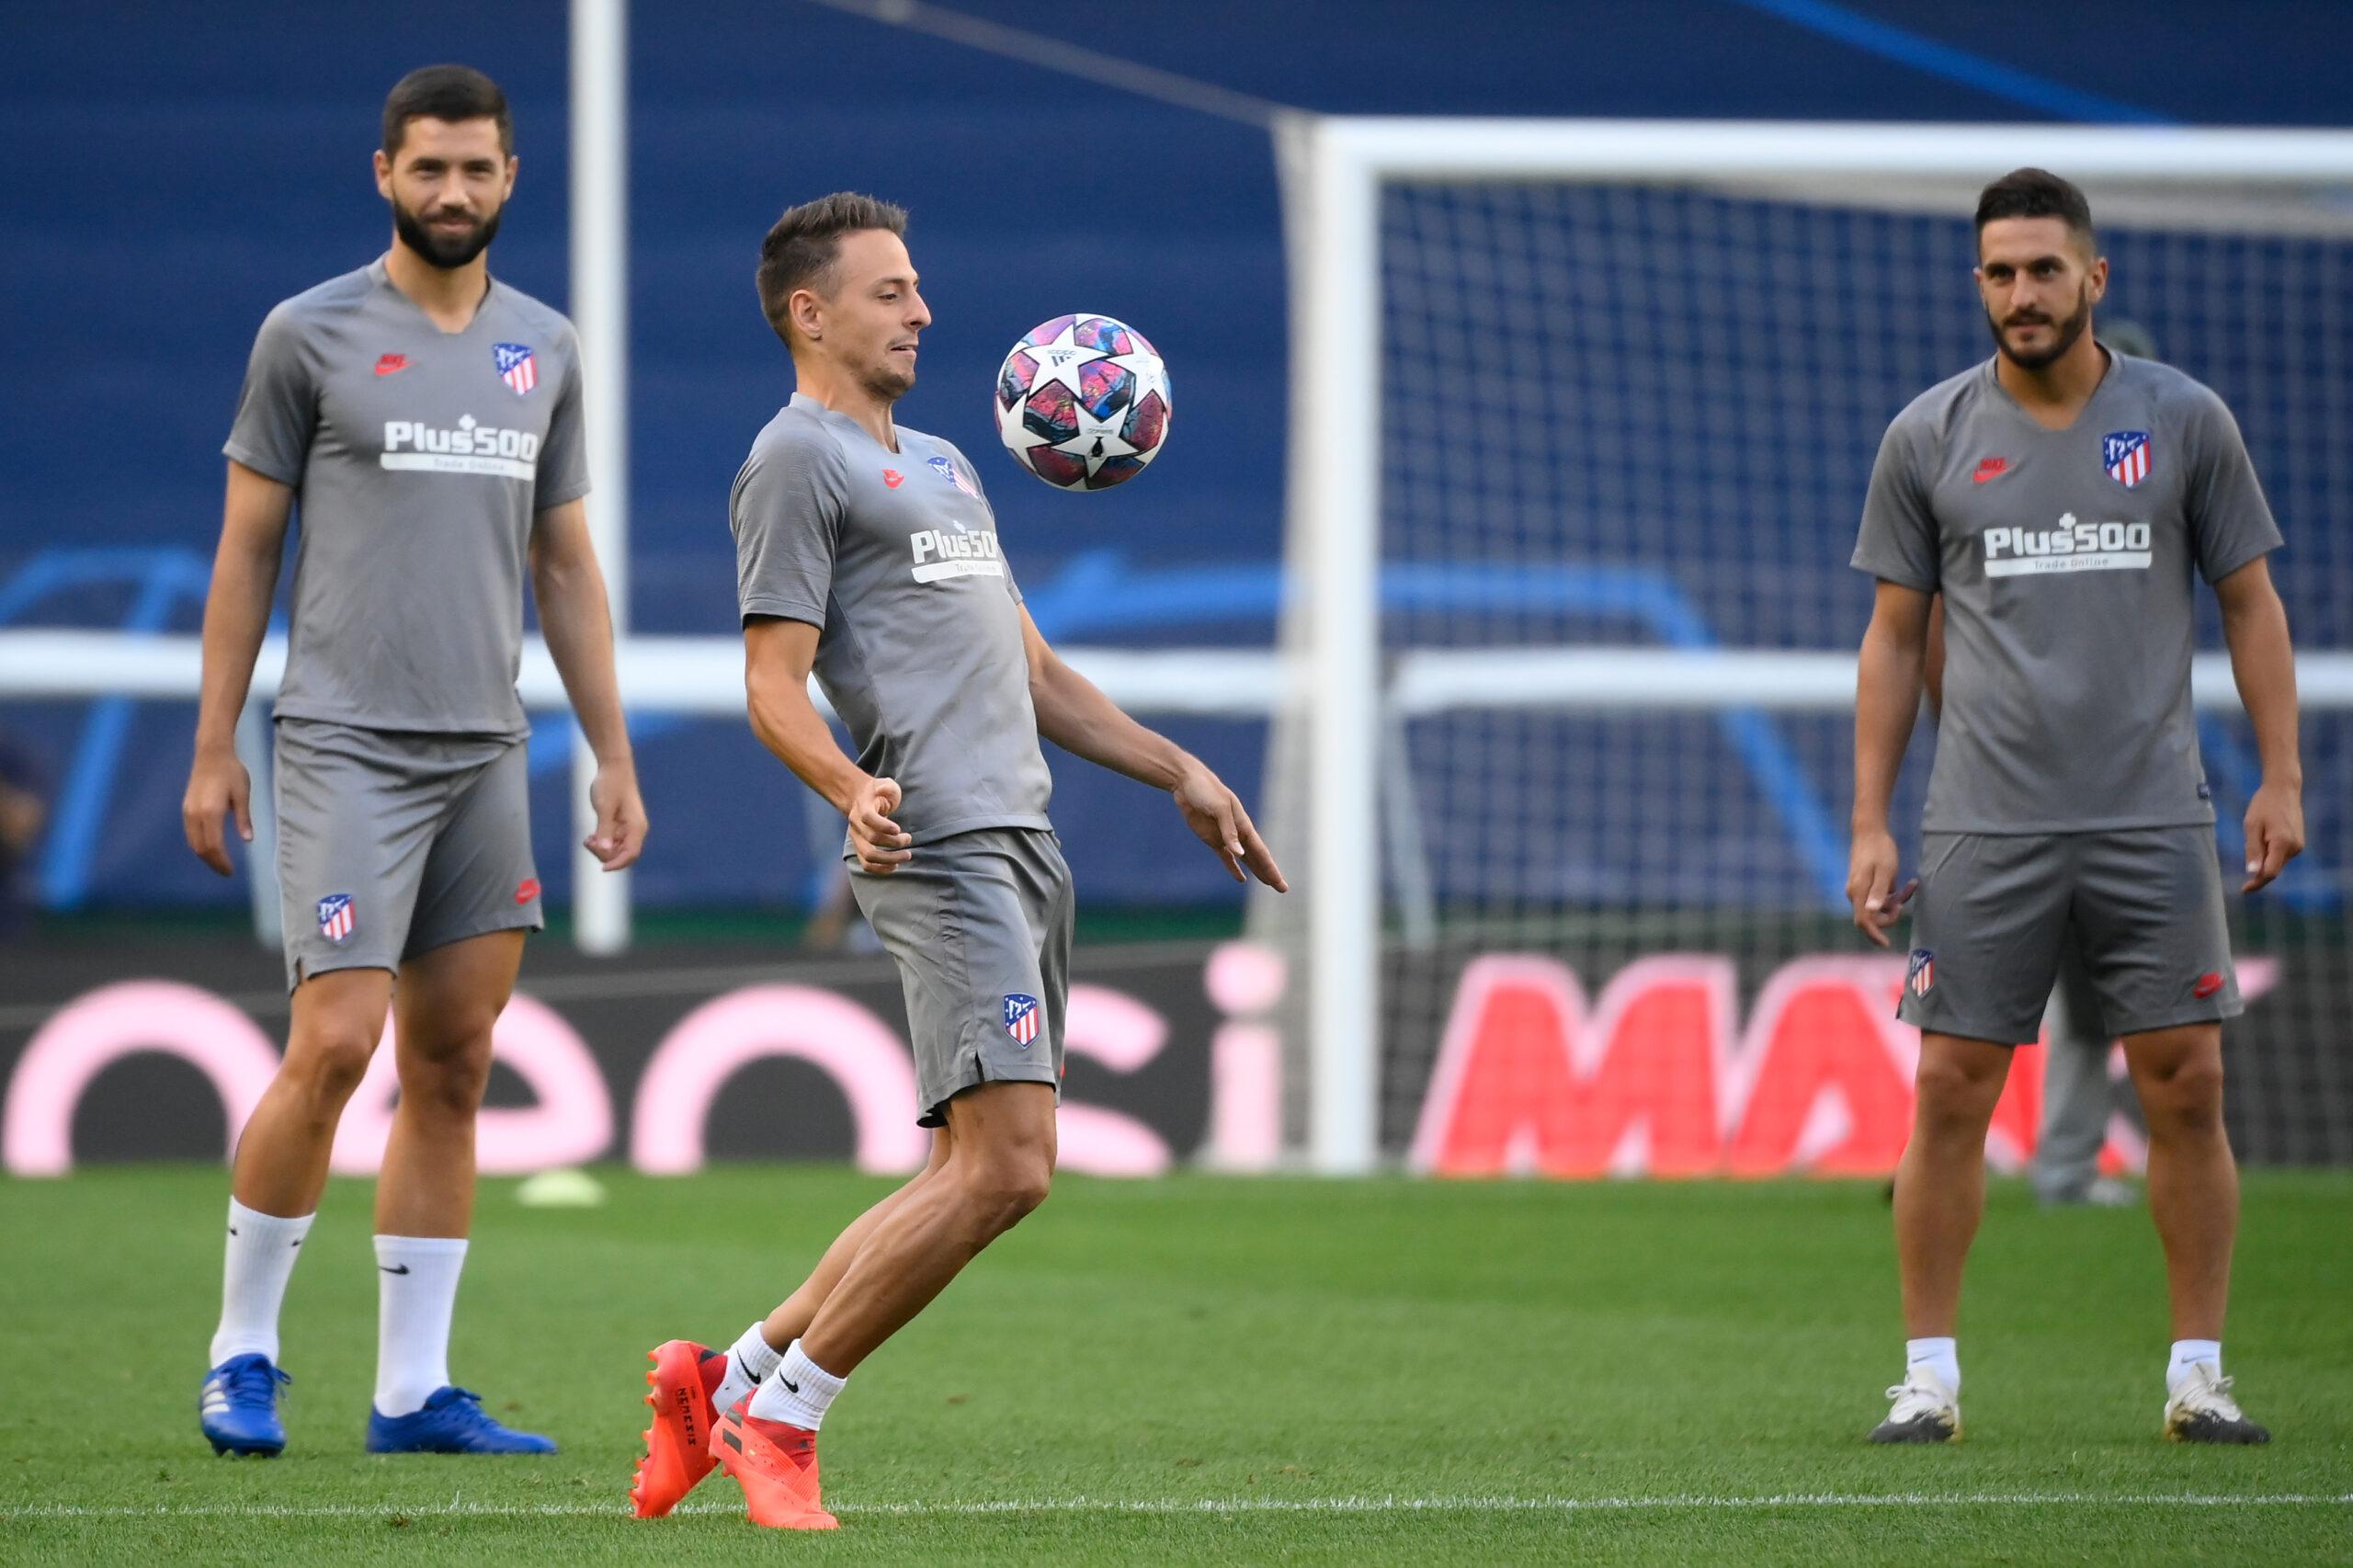 VIDEO: Cazado pasando reconocimiento con el Leverkusen